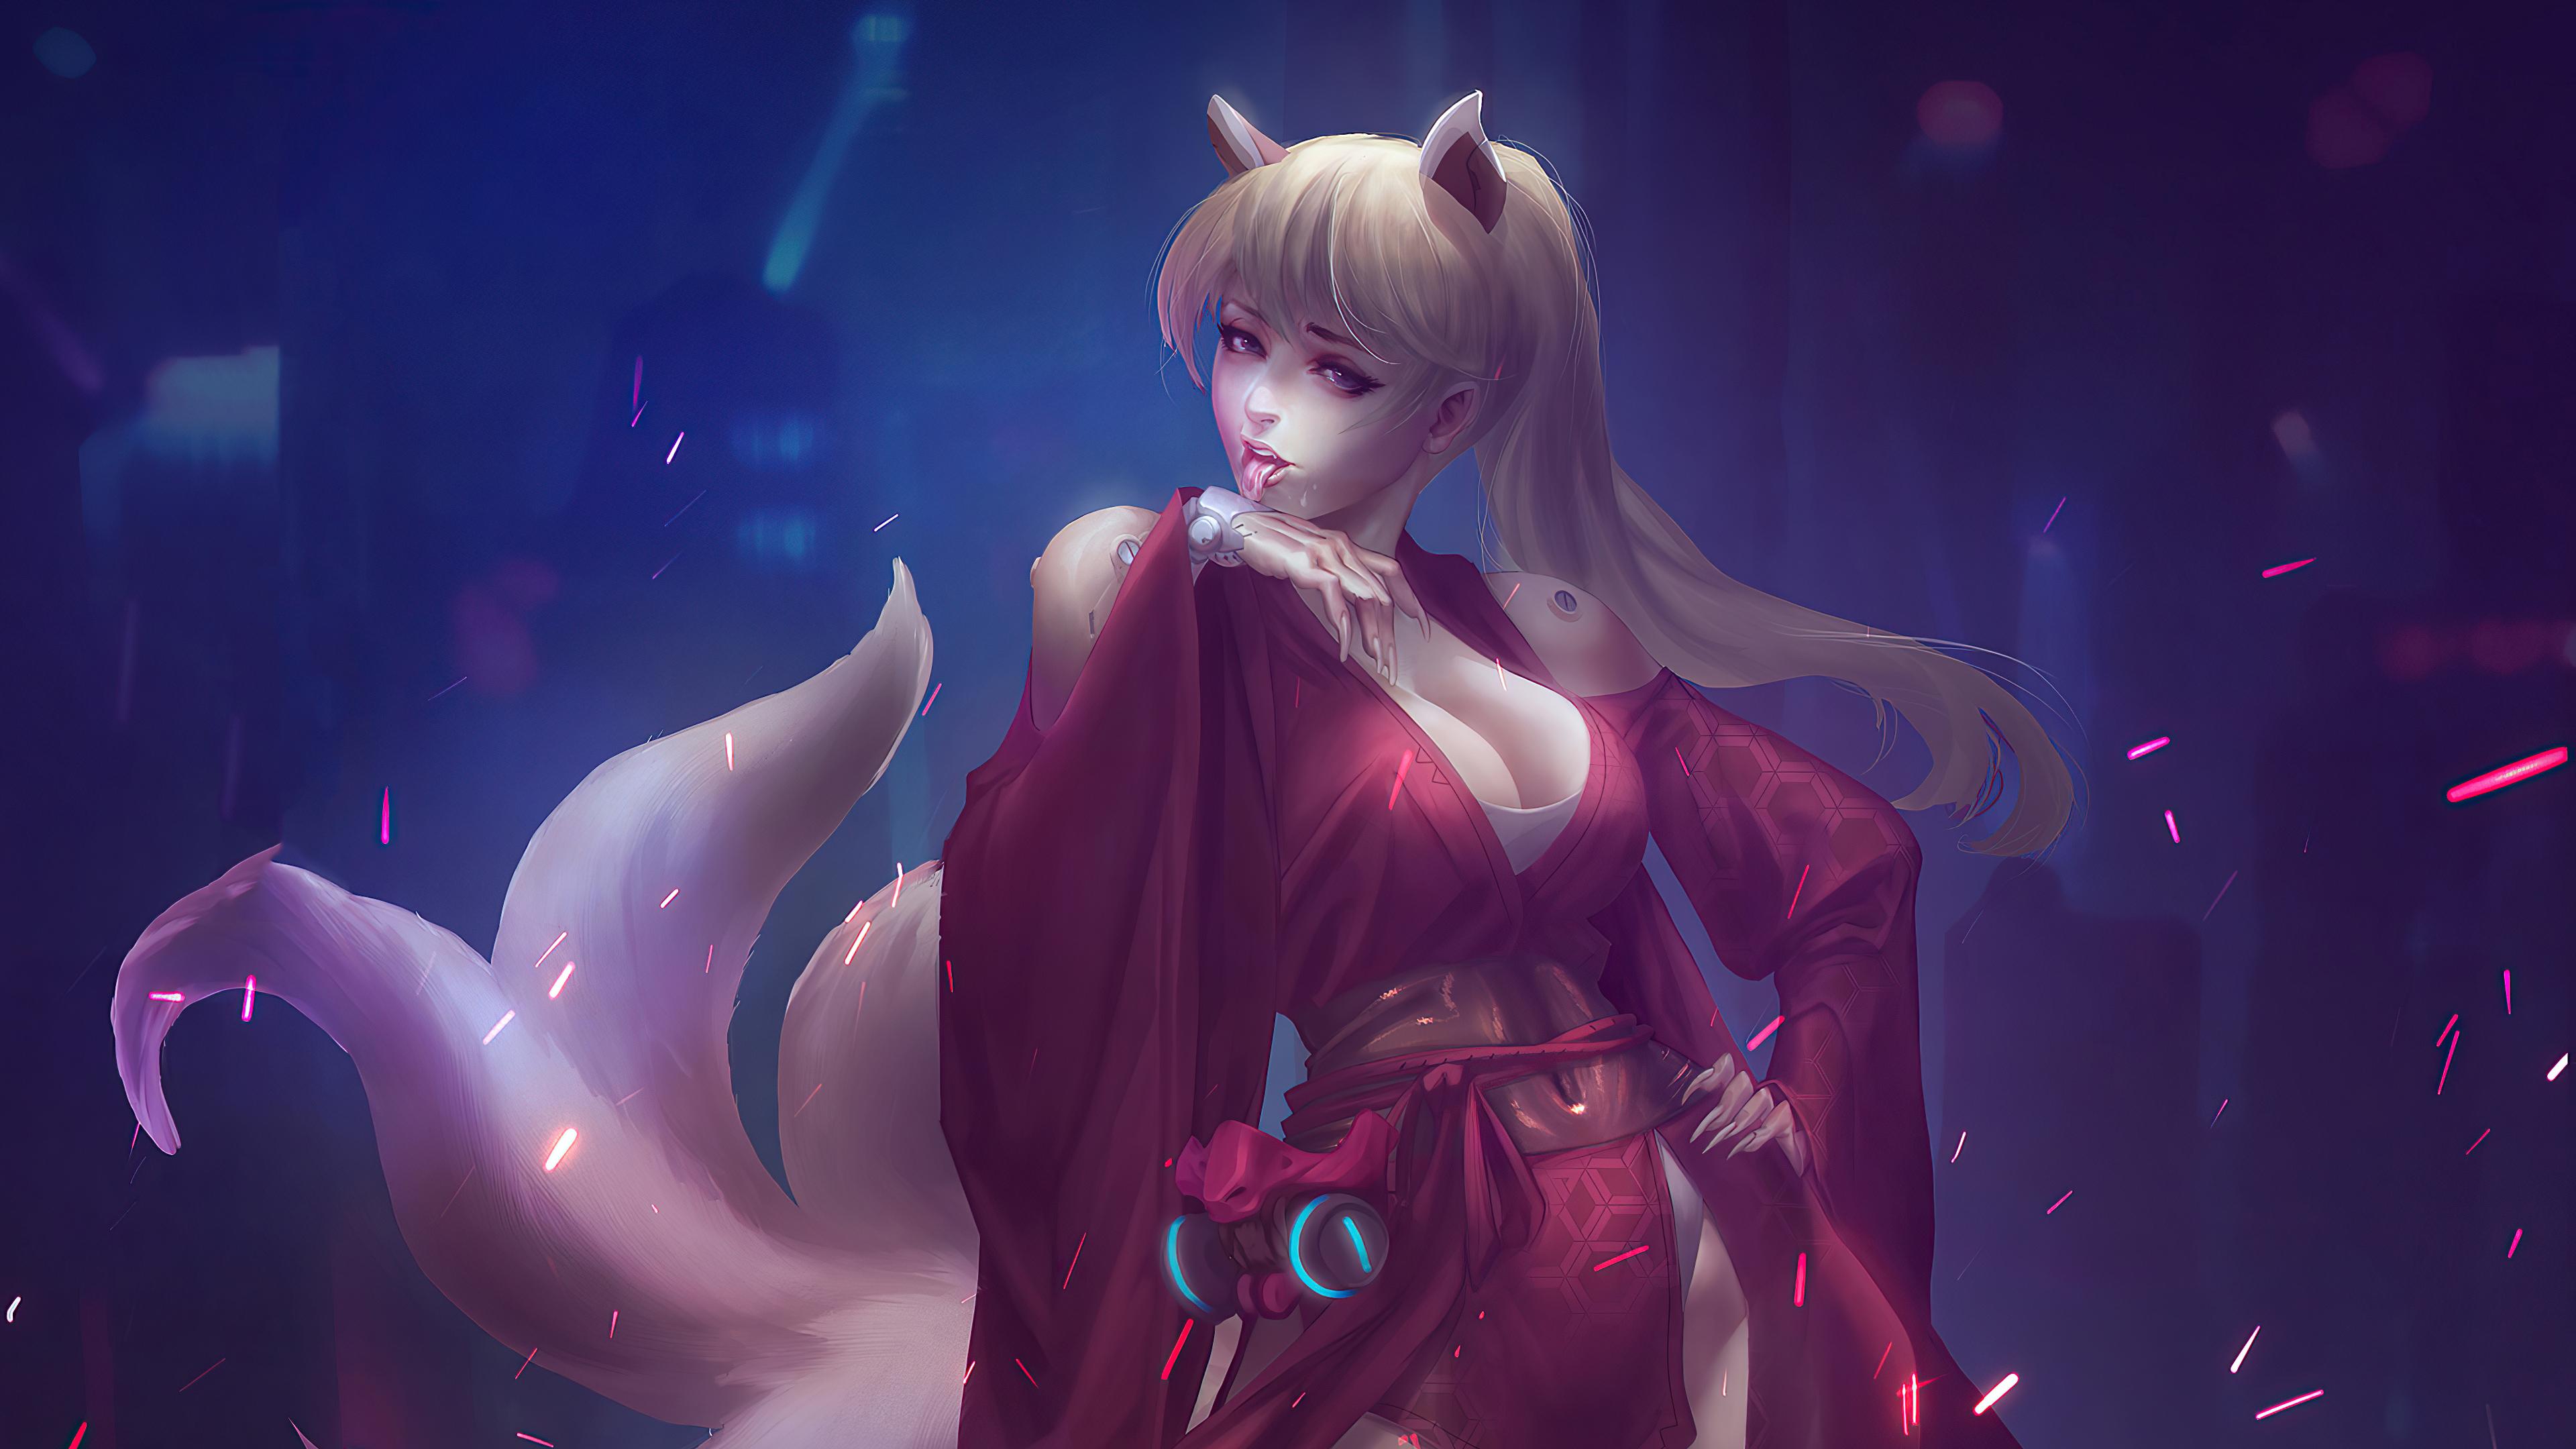 cyber cat girl 4k 1602533019 - Cyber Cat Girl 4k - Cyber Cat Girl 4k wallpapers